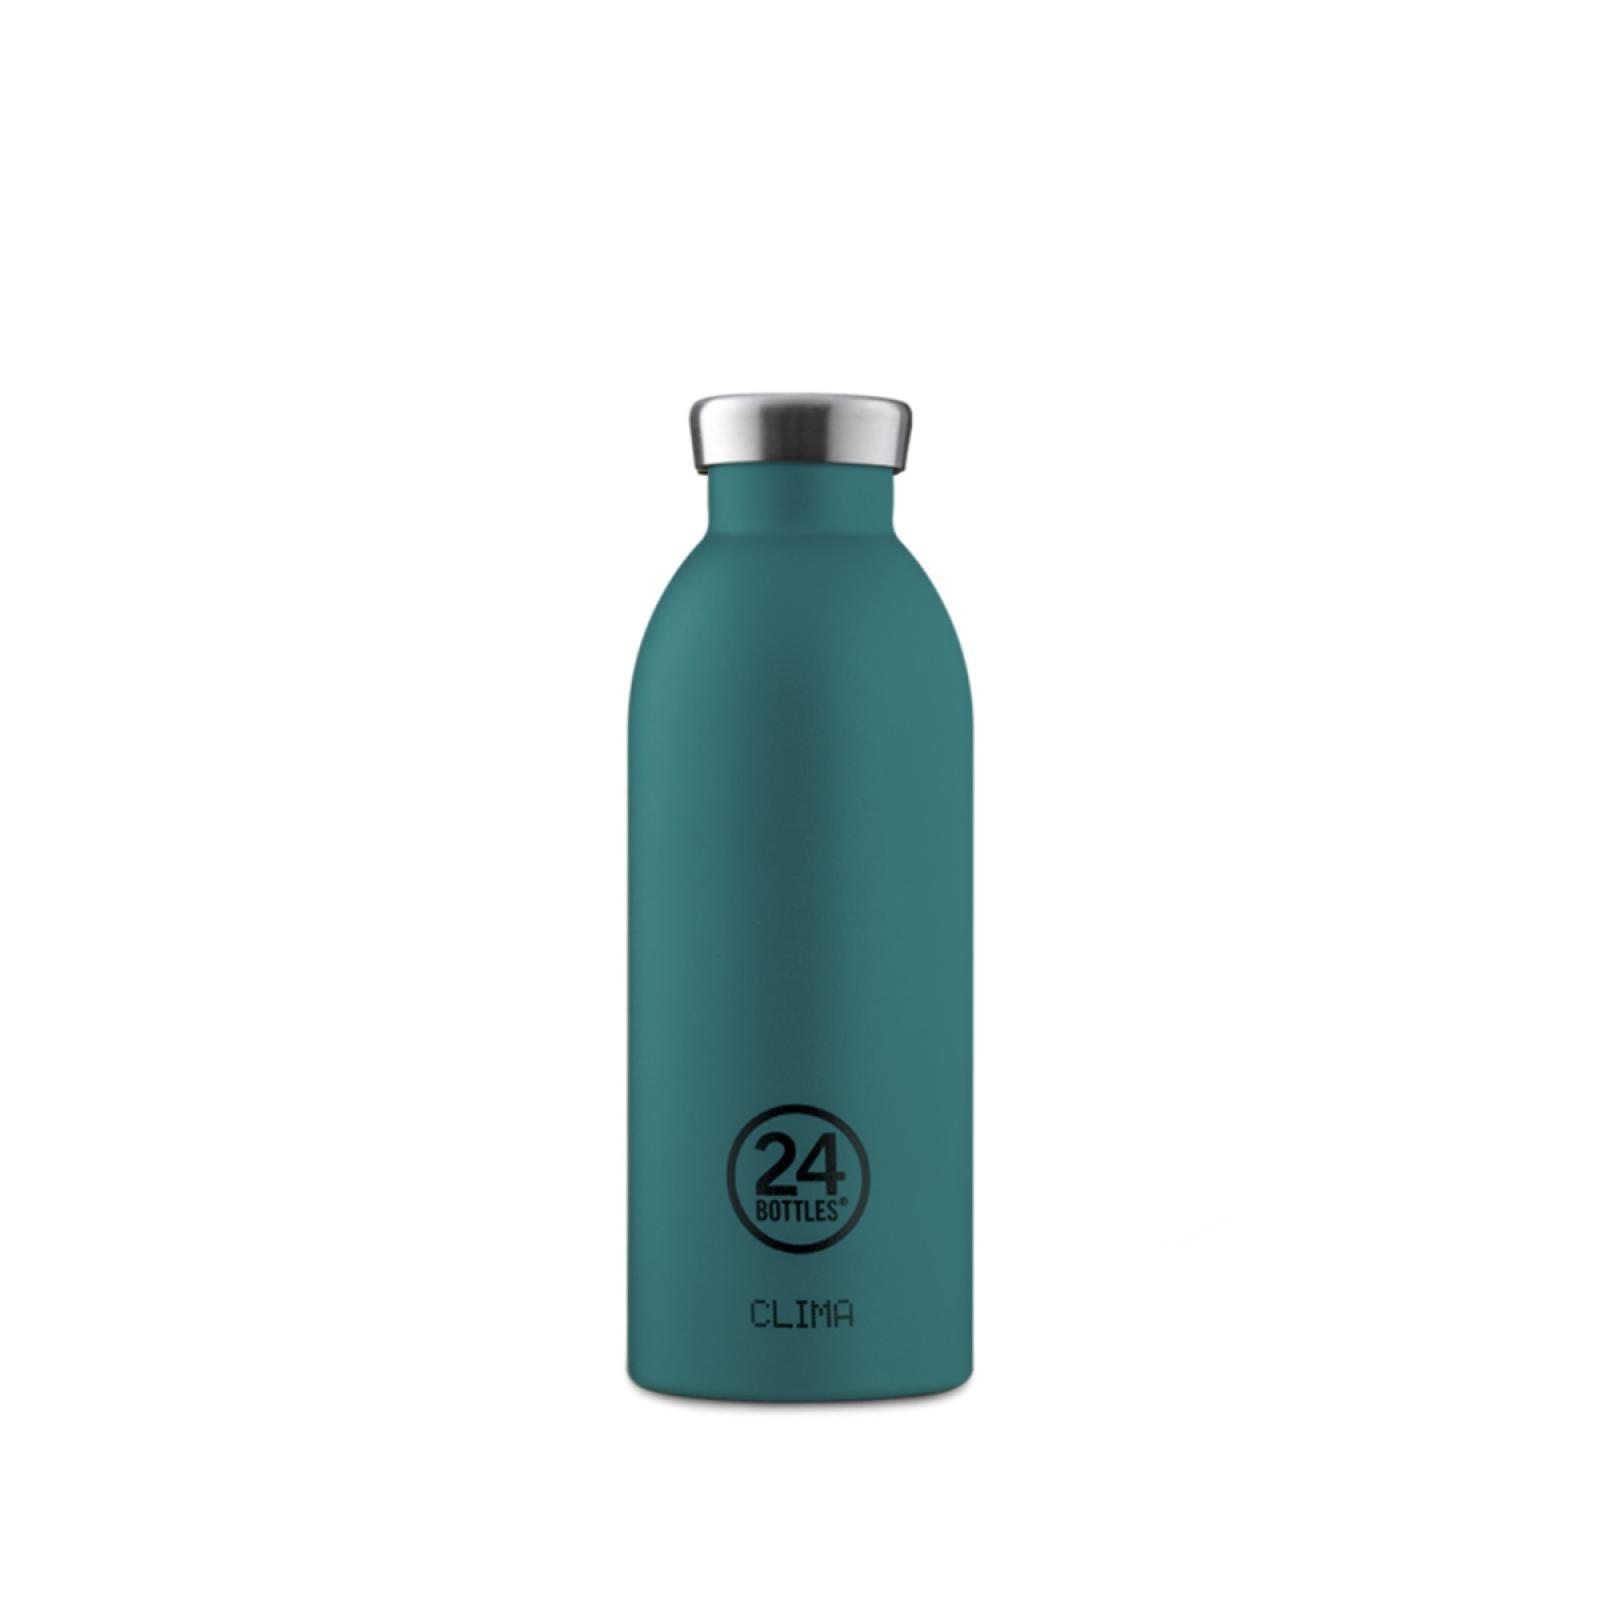 24 Bottles Clima Bottle Atlantic Bay 500 ml - 1